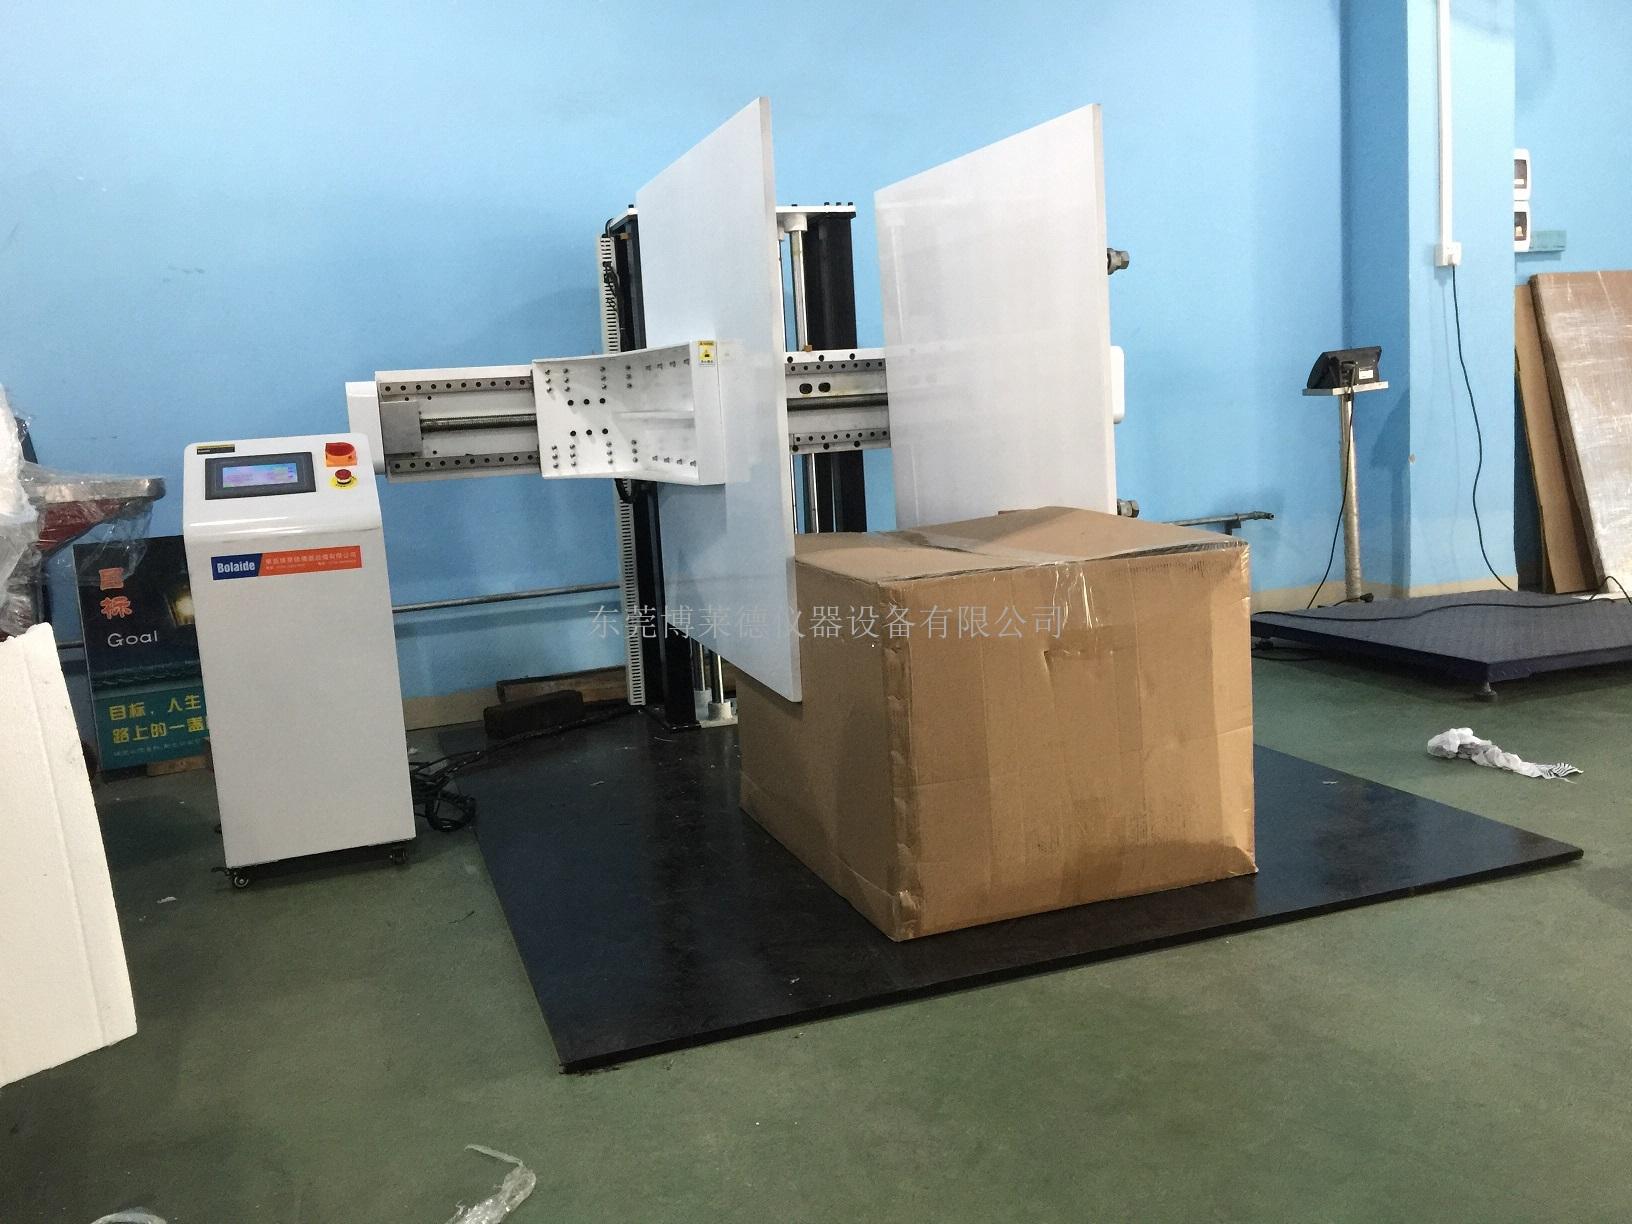 包裝箱跌落試驗機/包裝箱跌落測試機/包裝箱跌落測試儀/包裝箱跌落試驗儀